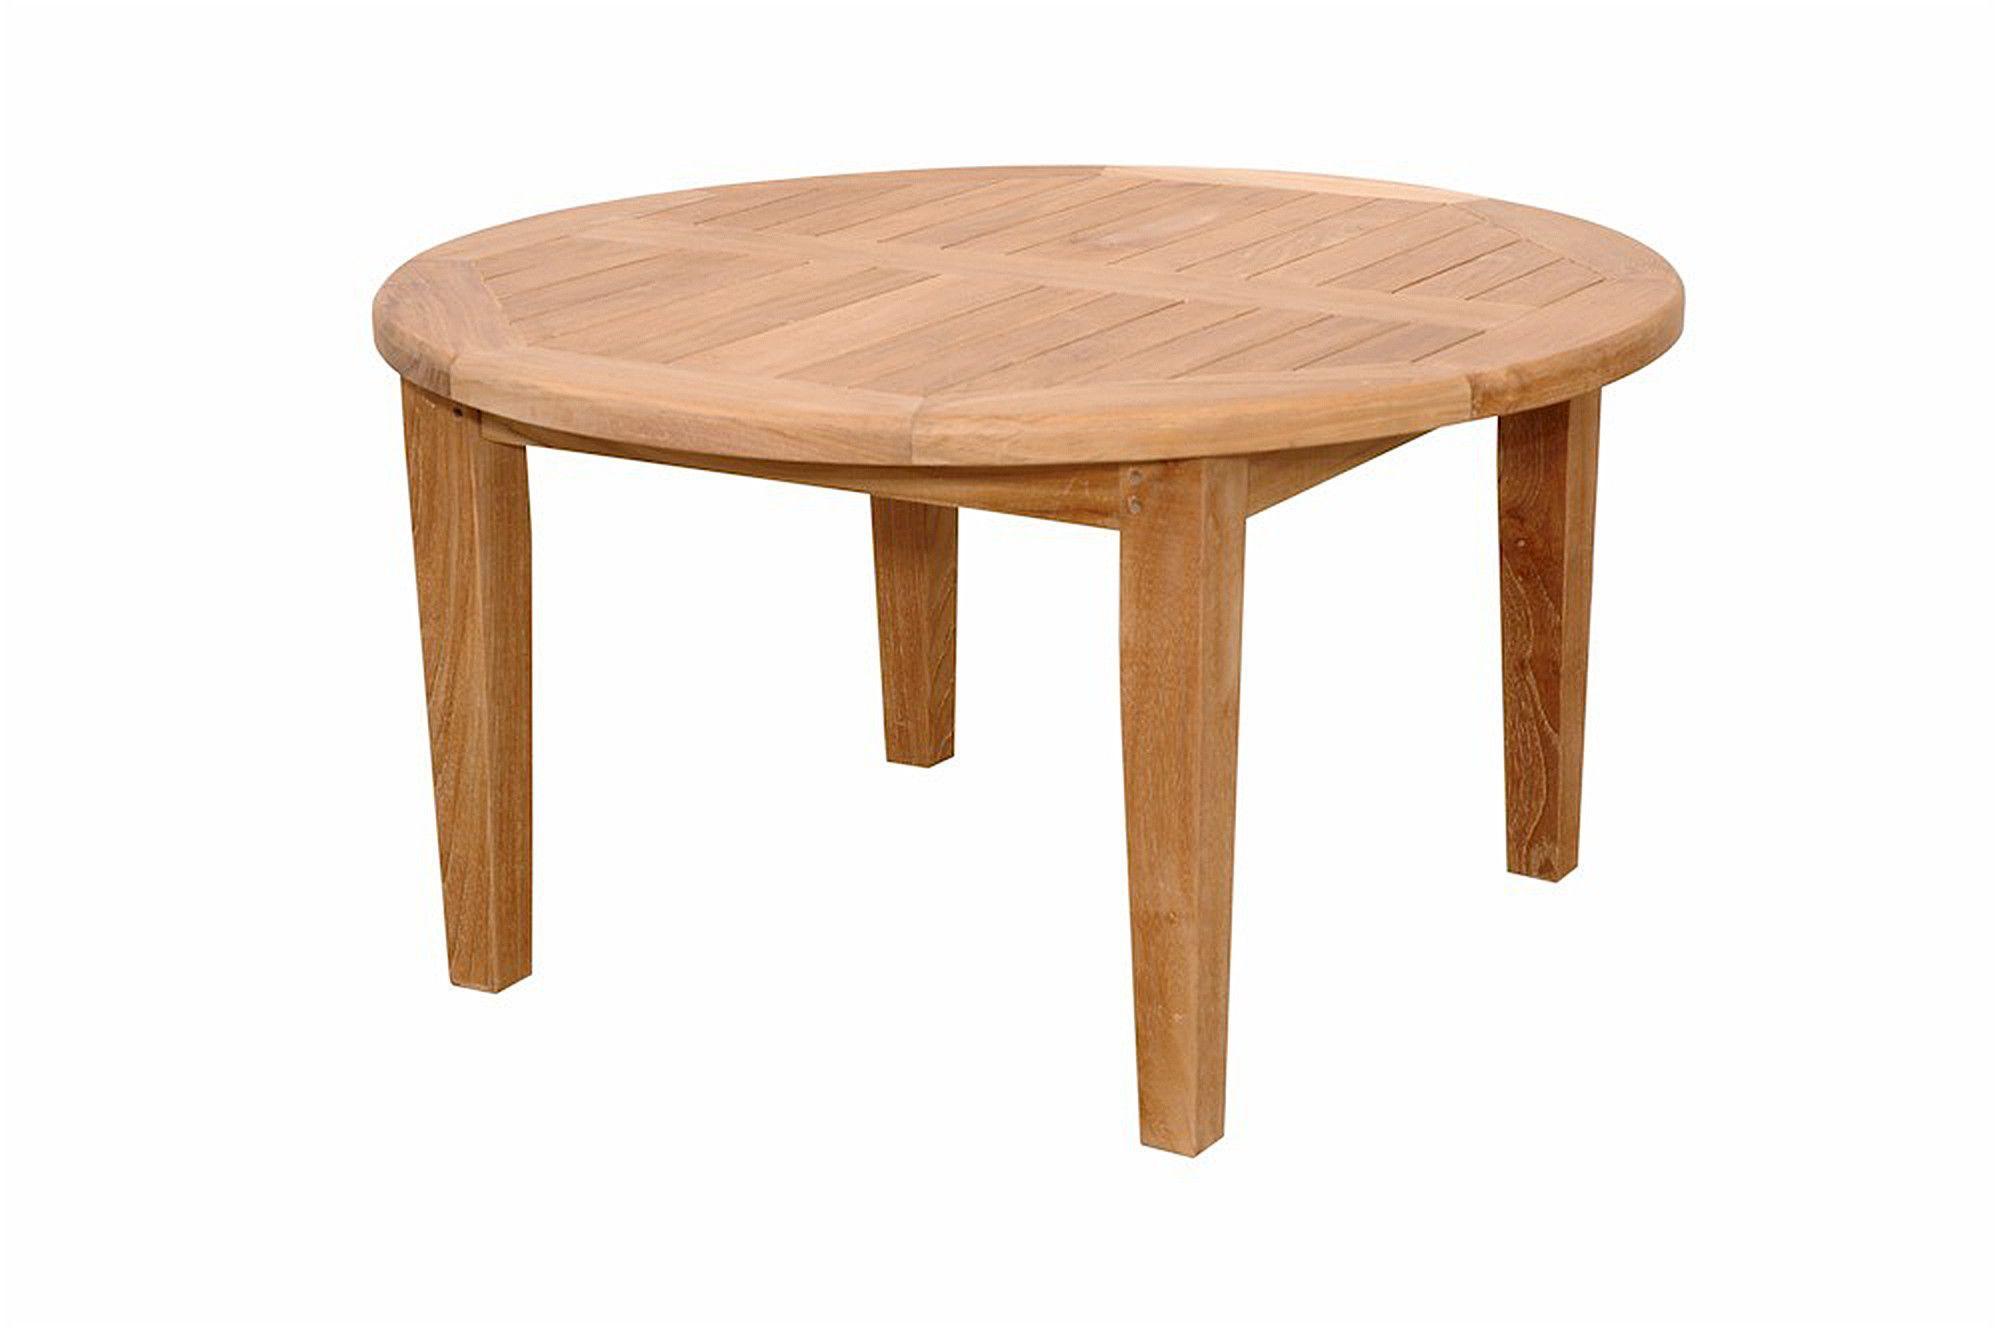 Anderson Teak Brianna 35 Inch Round Coffee Teak Table Tb 107 Solid Wood Coffee Table Teak Table Coffee Table [ 1328 x 2000 Pixel ]